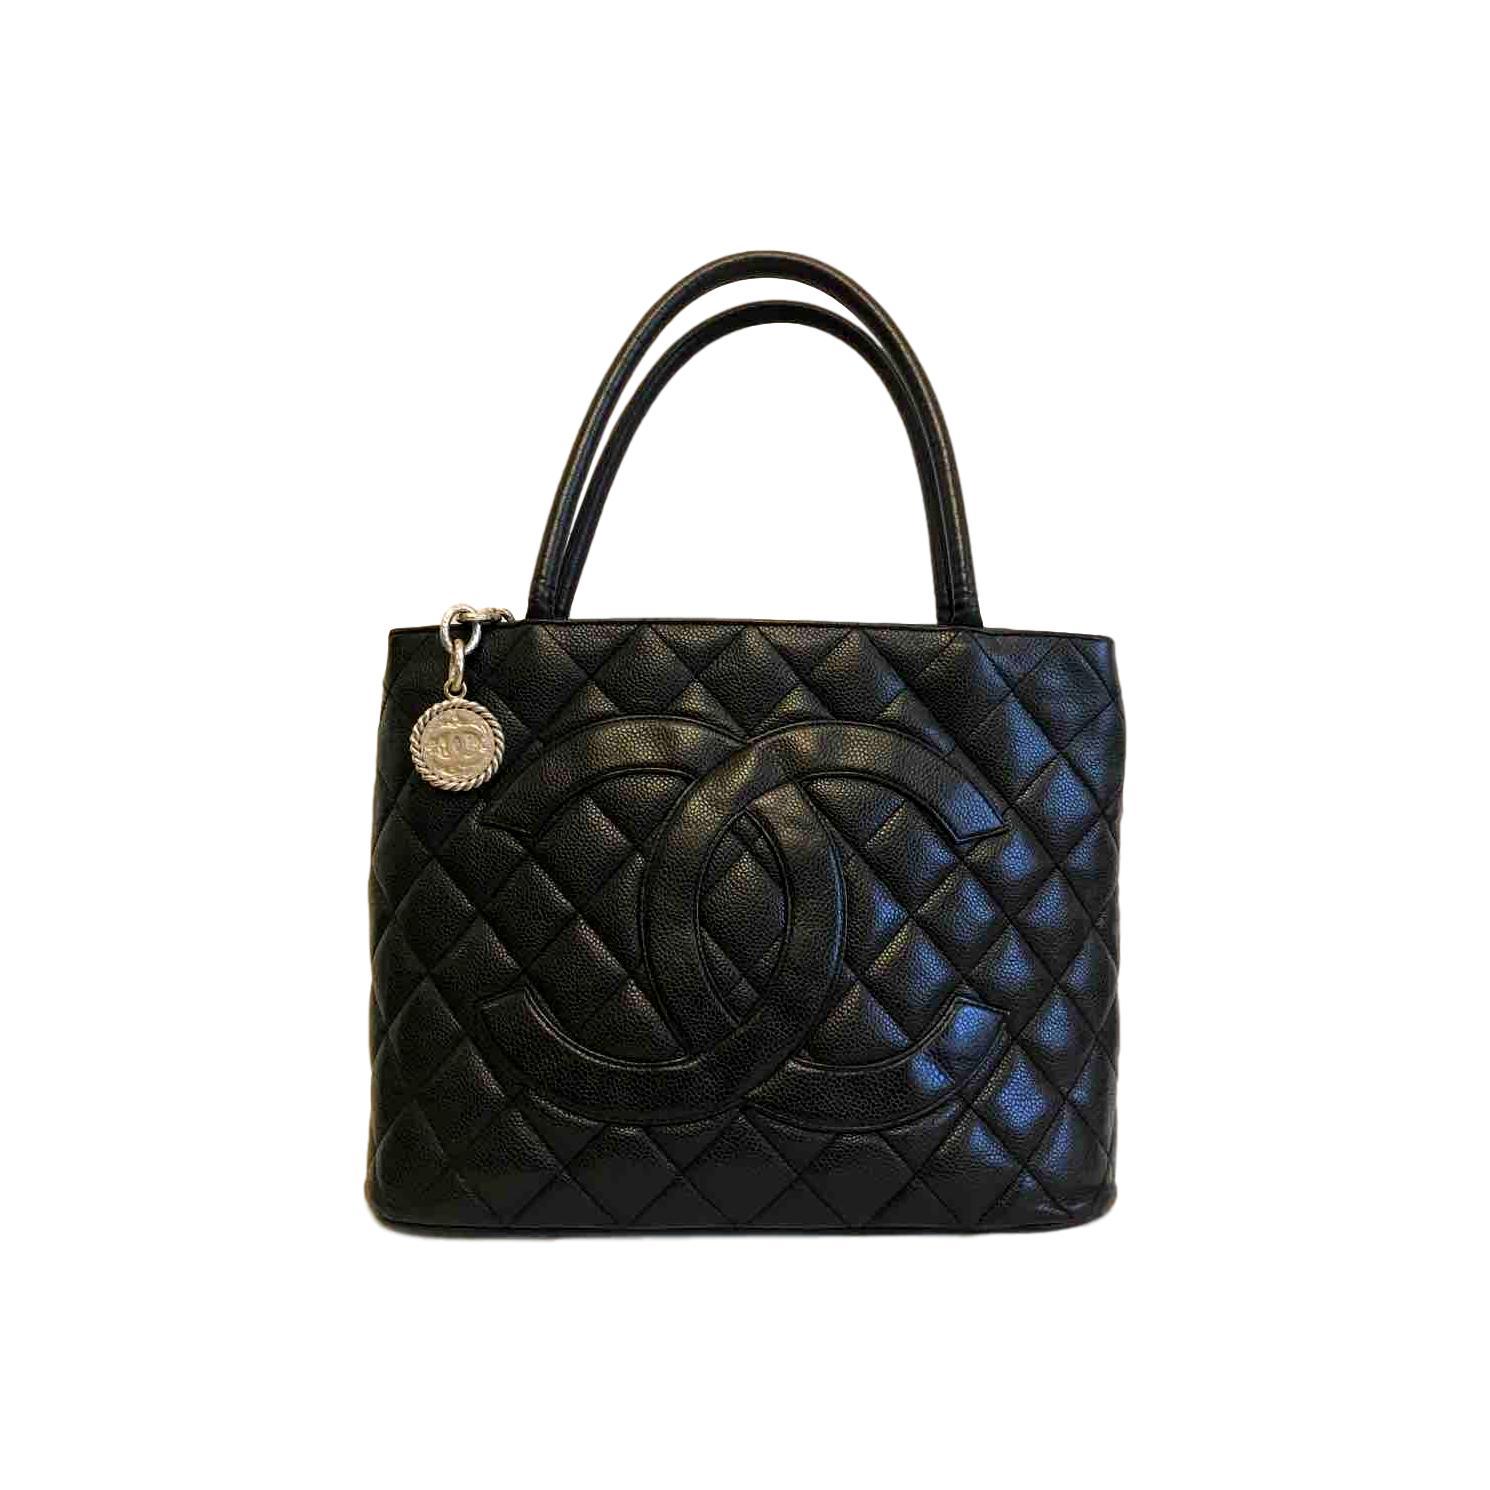 Купить среднюю сумку Chanel за 48000 руб. в интернет магазине ... 7eceb88a38a